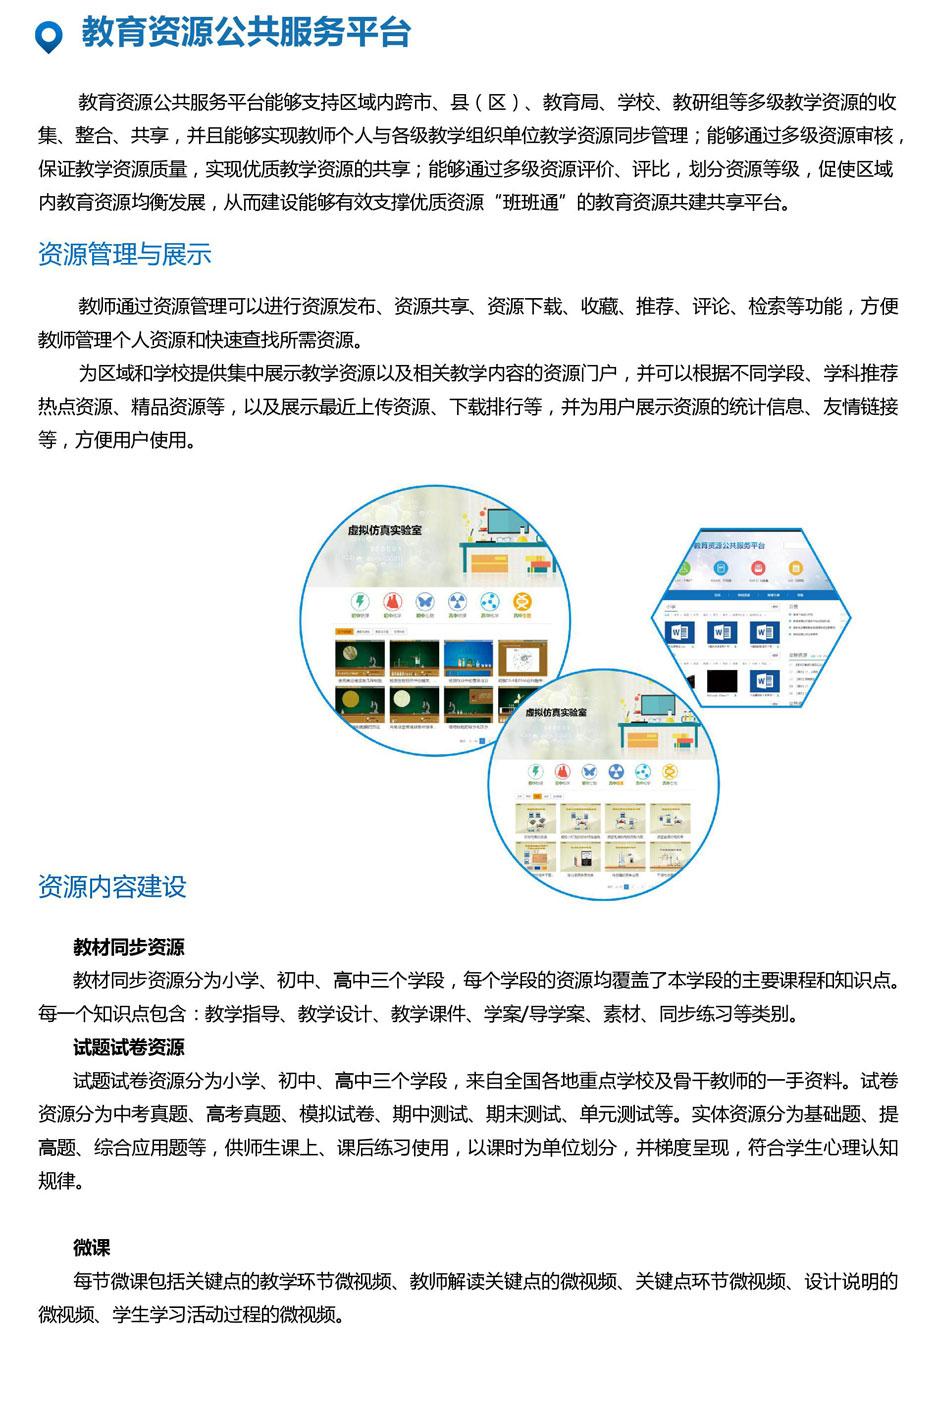 教育资源公共服务平台